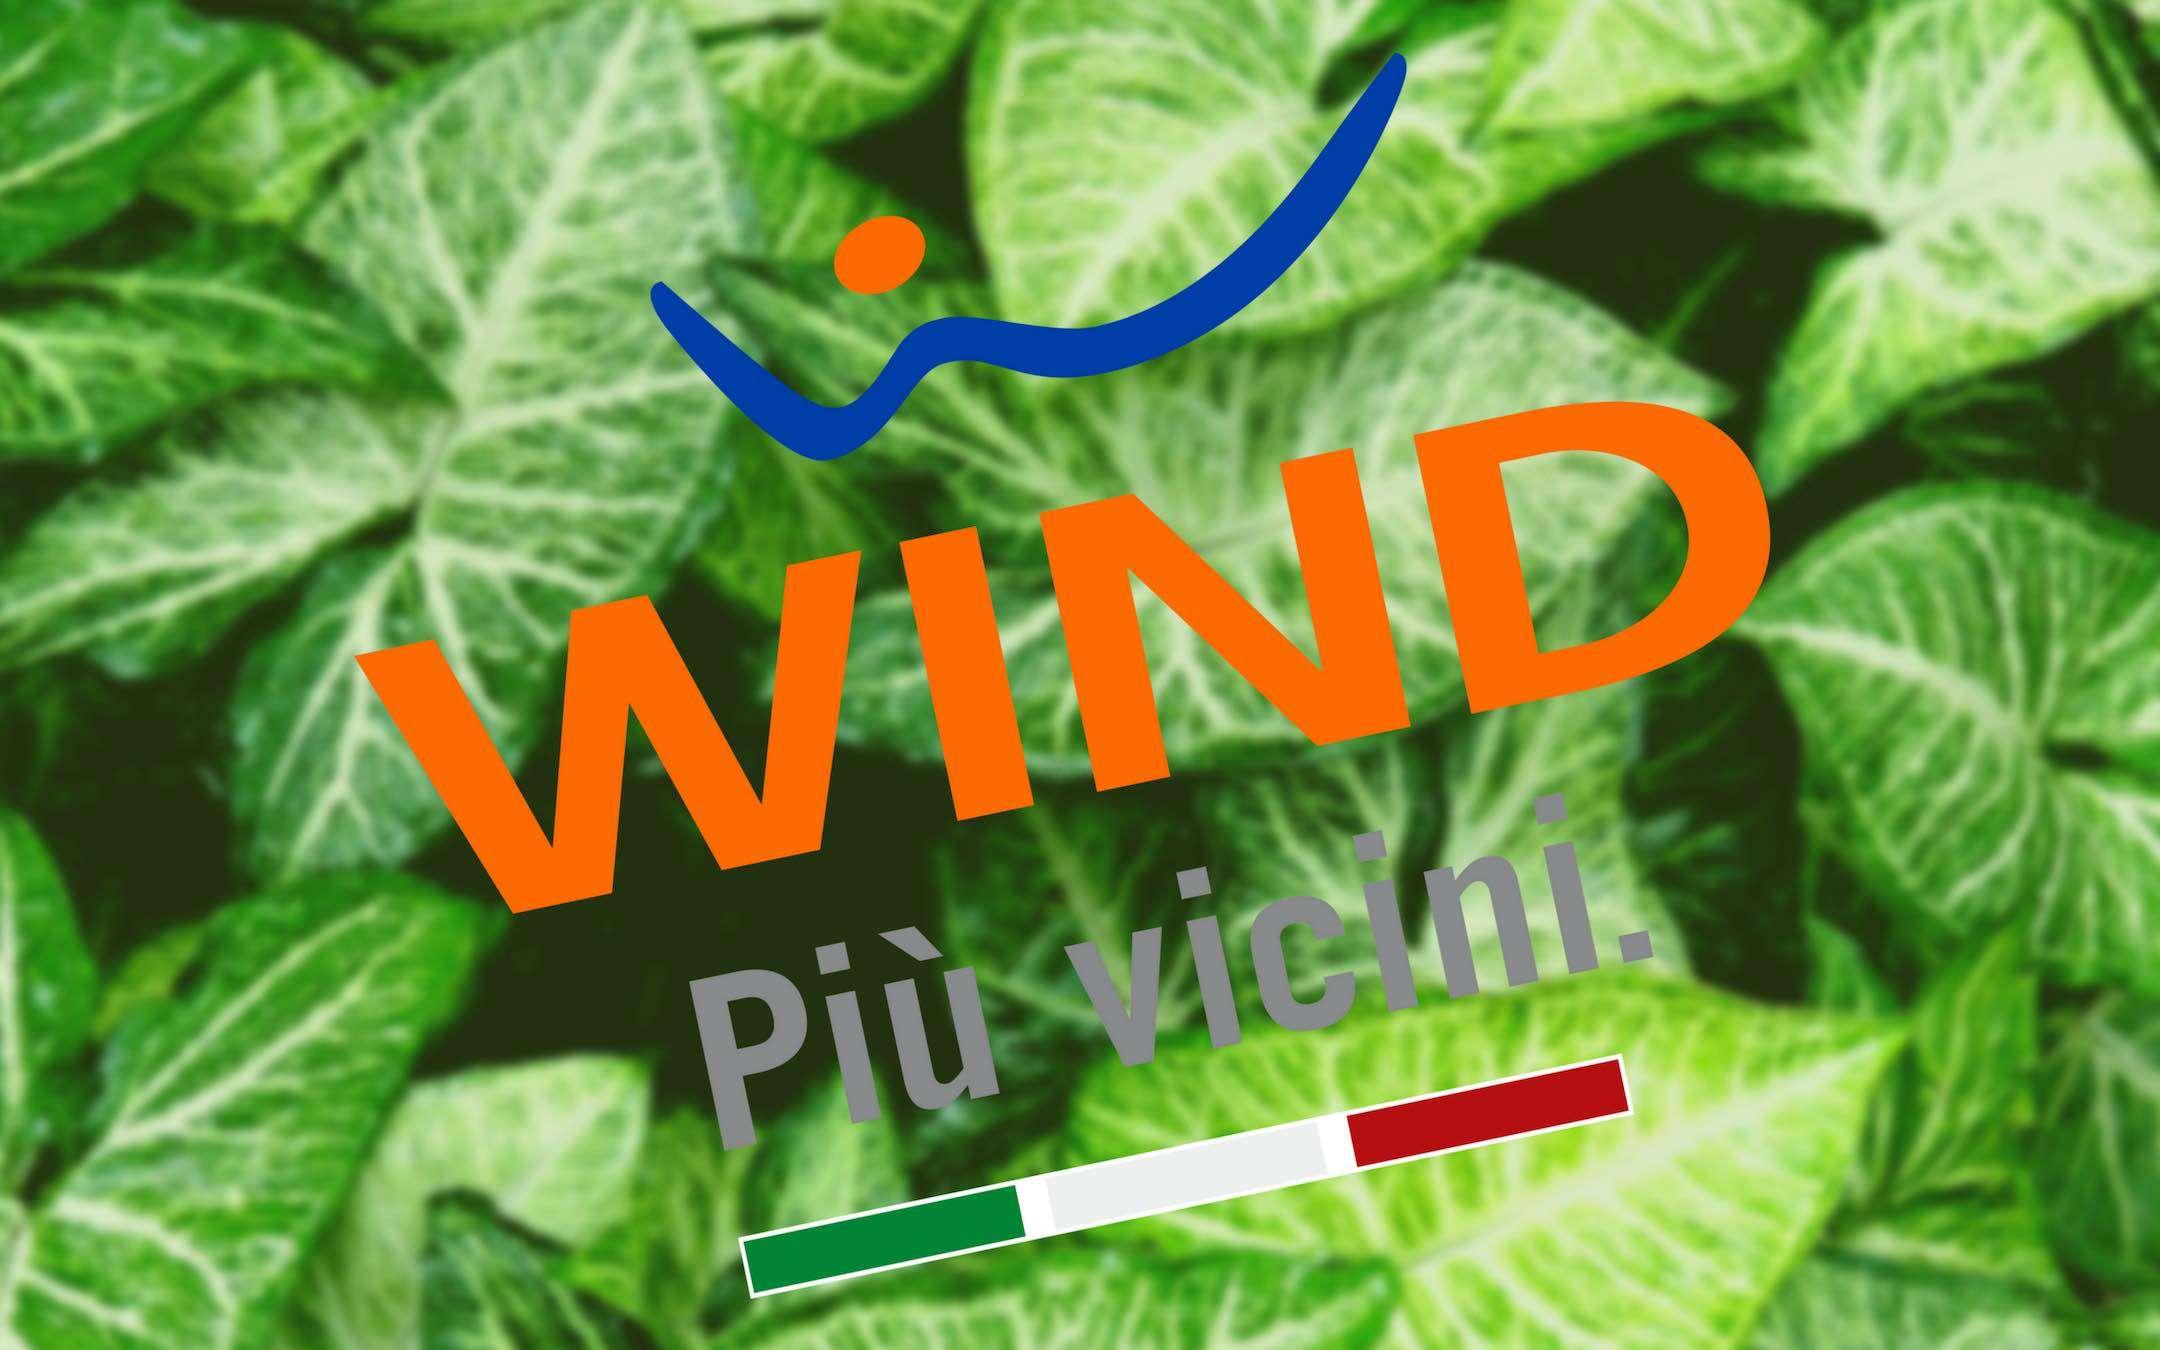 Wind: 40GB, minuti illimitati e 100 SMS a 4,99€